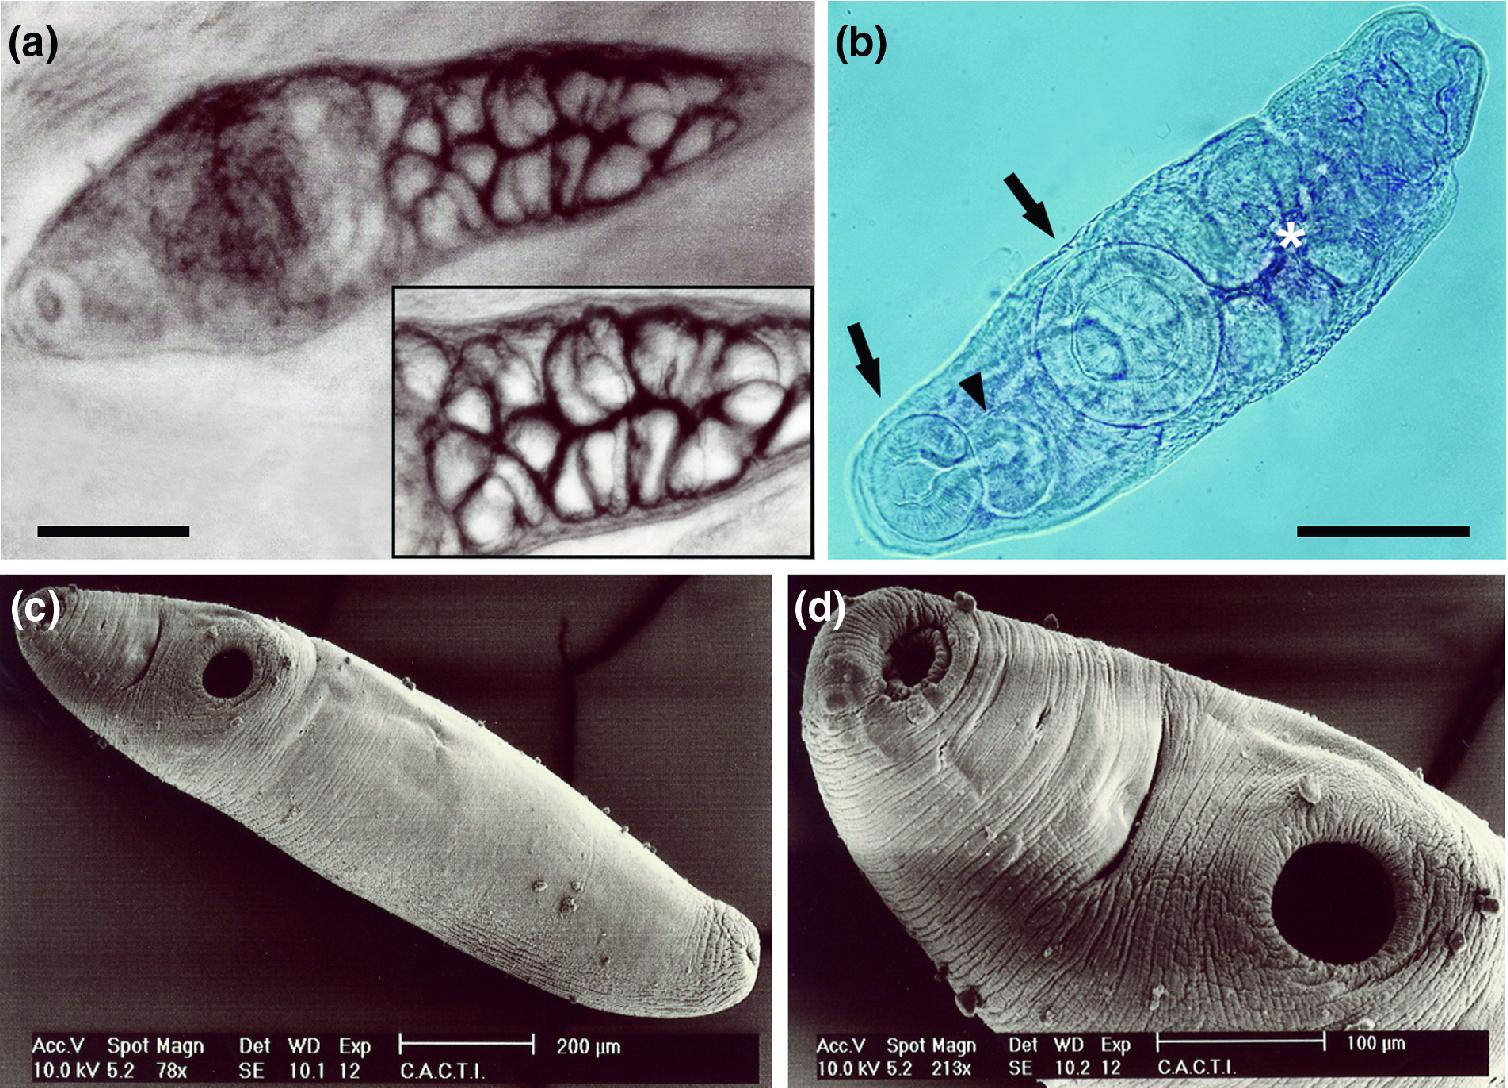 paraziták metazoans és protozoans